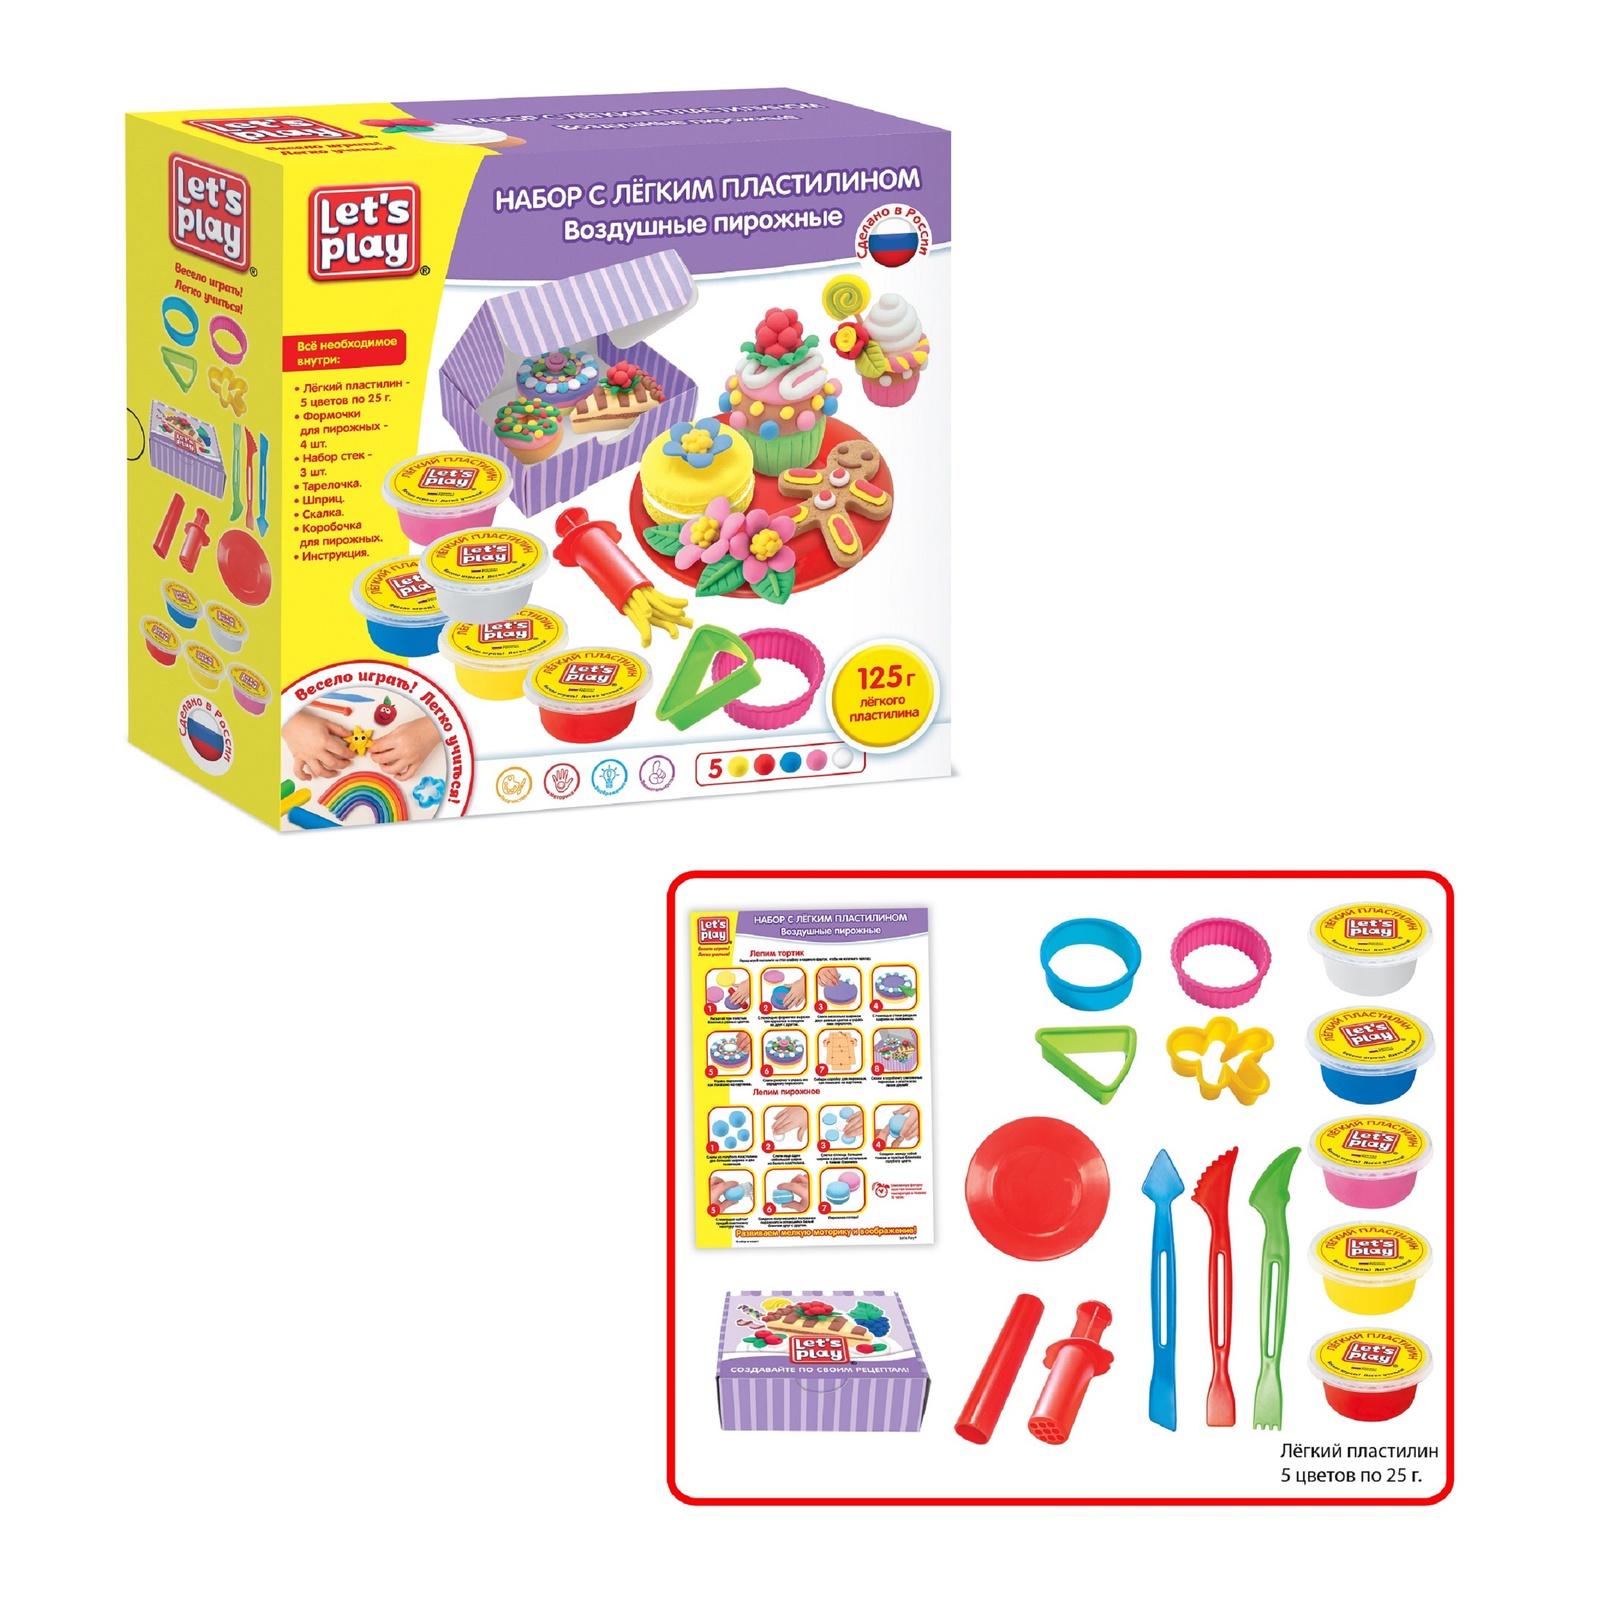 """Набор для лепки Lets Play Воздушные пирожные36474Предложите ребёнку открыть свою кондитерскую с набором """"Воздушные пирожные"""". С помощью формочек создавайте аппетитные пирожные - круглые, треугольные, в форме человечка. Лепите фрукты, ягодки, цветочки, украшайте ими пирожные. Смешивайте цвета и получайте новые оттенки. Цветная инструкция в картинках поможет создать яркие поделки, которые, застыв, станут лёгкими, воздушными игрушками, не потрескаются и не раскрошатся. Эта игра развивает мелкую моторику, воображение, творческое мышление, прививает интерес к кулинарии.В наборе ТМ Let's Play 17 предметов: 5 цветов лёгкого пластилина по 25 г, 4 фигурные формочки для пирожных, 3 стеки, тарелочка, шприц-давилка, скалка, коробочка для пирожных, инструкция. Пластилин имеет лёгкую, мягкую текстуру, цвета легко смешиваются друг с другом. Материалы: пластилин, пластмасса, бумага. Внимание: пластилин не пригоден для еды. Температура хранения и транспортировки: от +5 до +25 градусов. Товар сертифицирован. Упаковка: коробка (25х25х8 см)."""